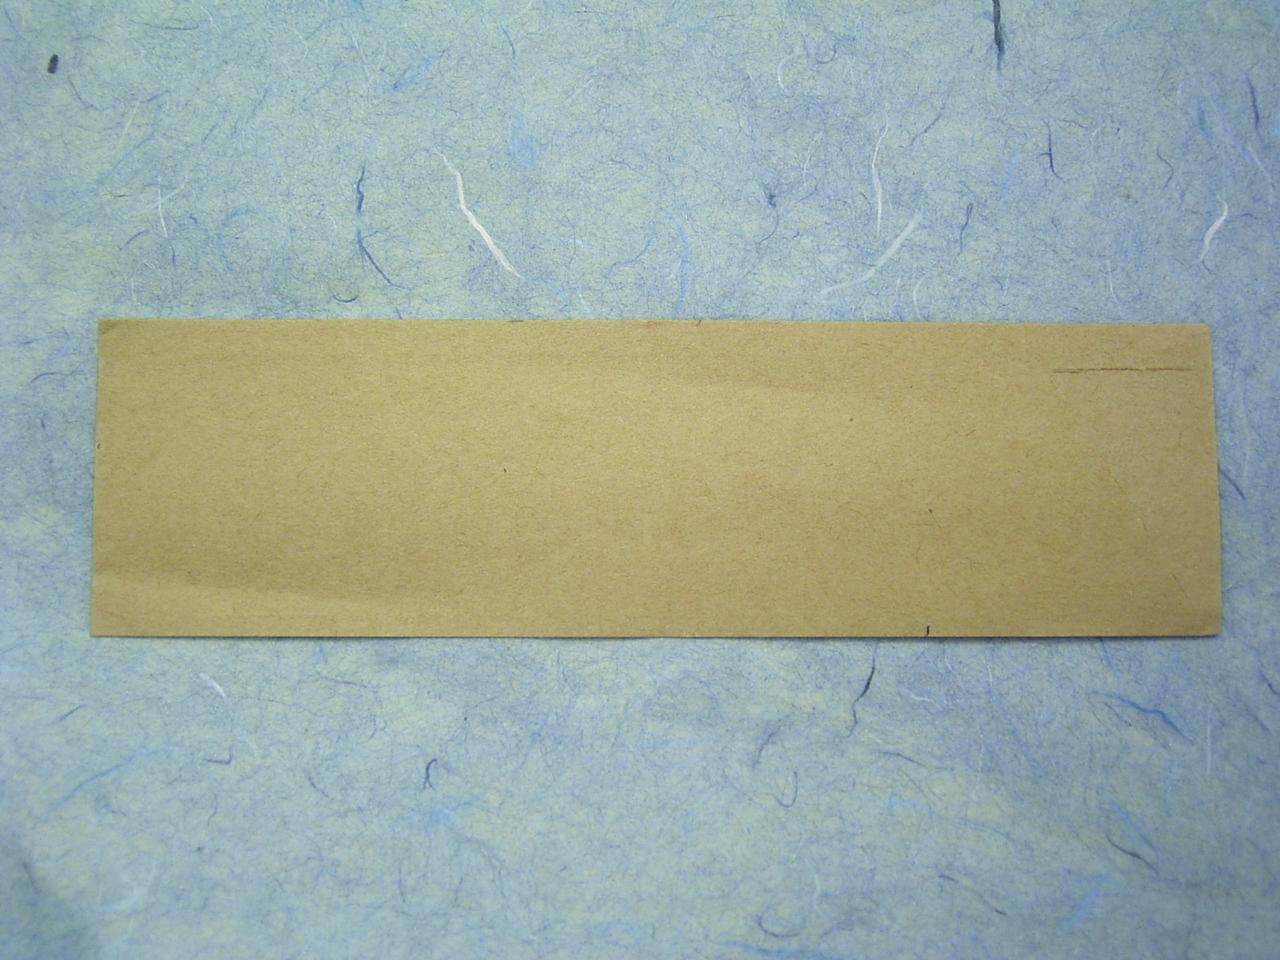 【オリジナル作成】 箸袋 ハカマサイズ ナチュラルミニ 1色刷 10,000枚